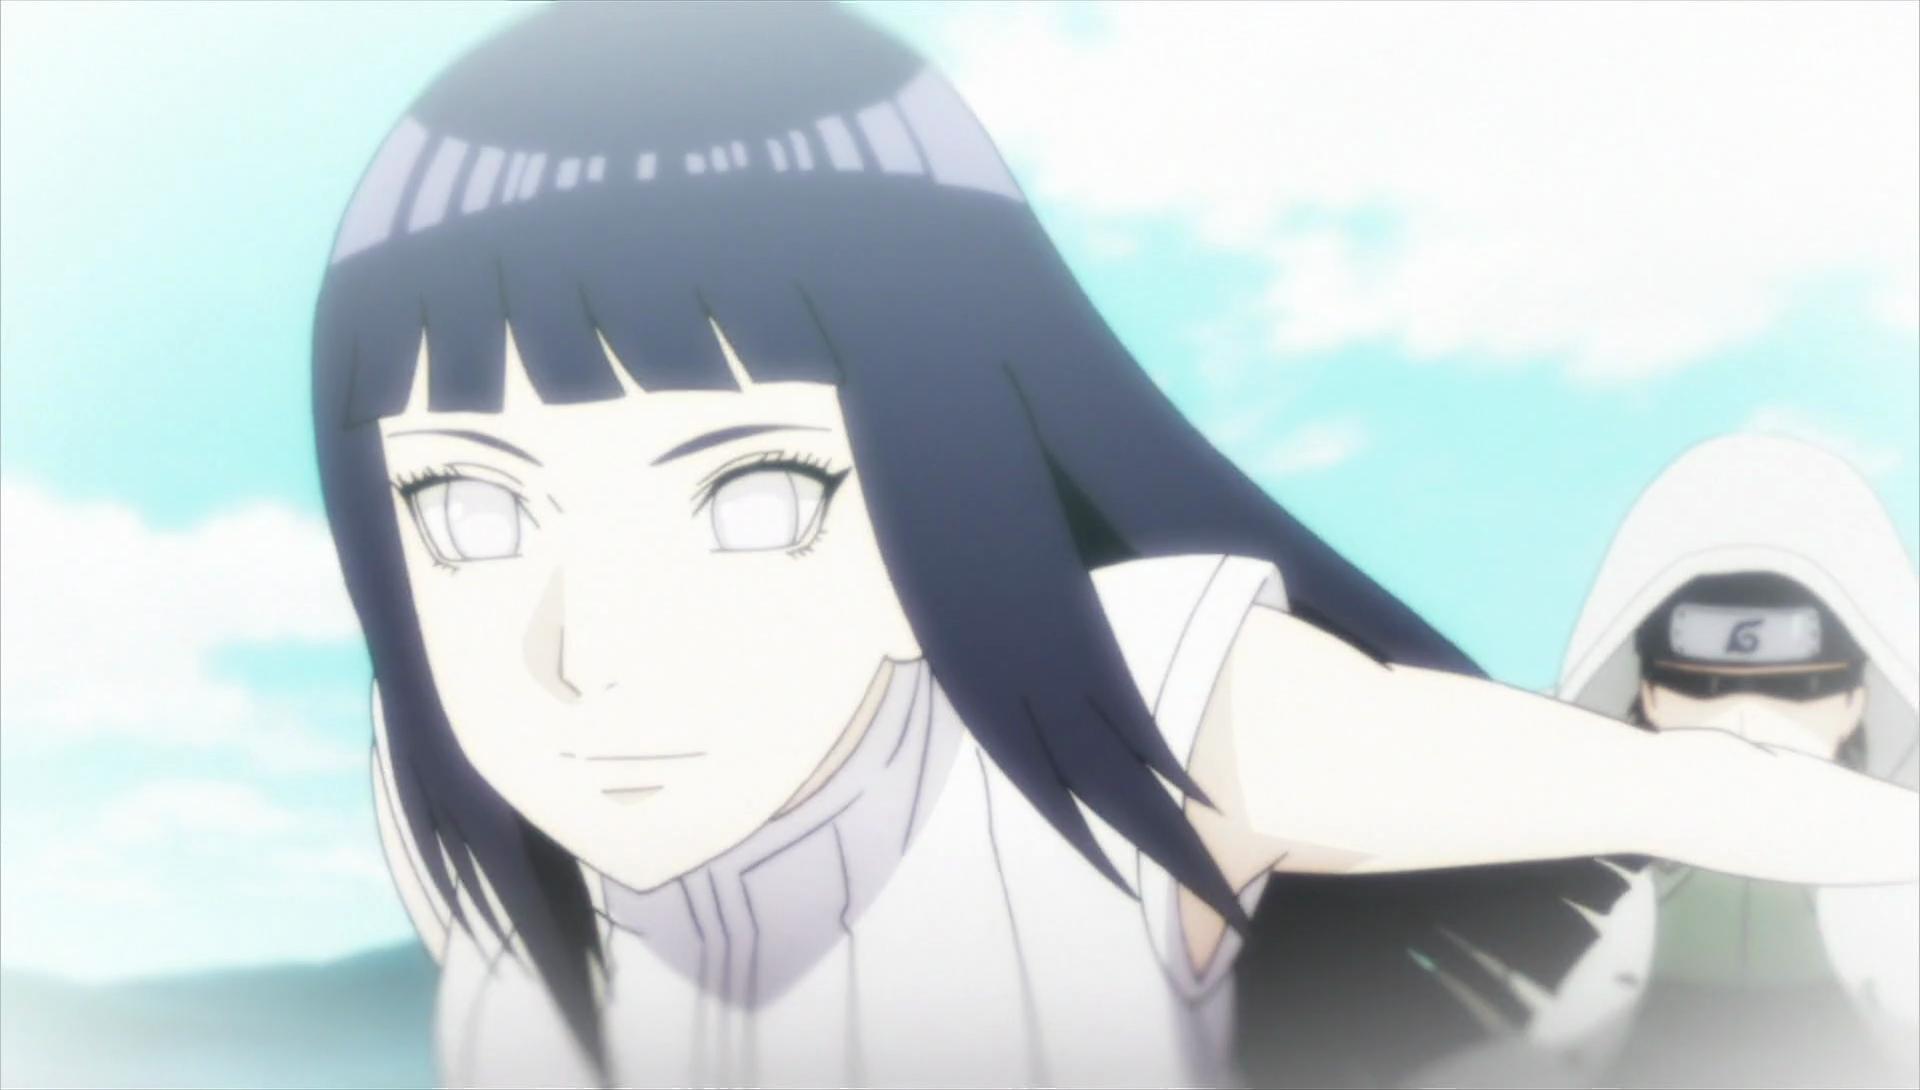 Hinata Hyuga Naruto Shippuden 498 4 by AiKawaiiChan